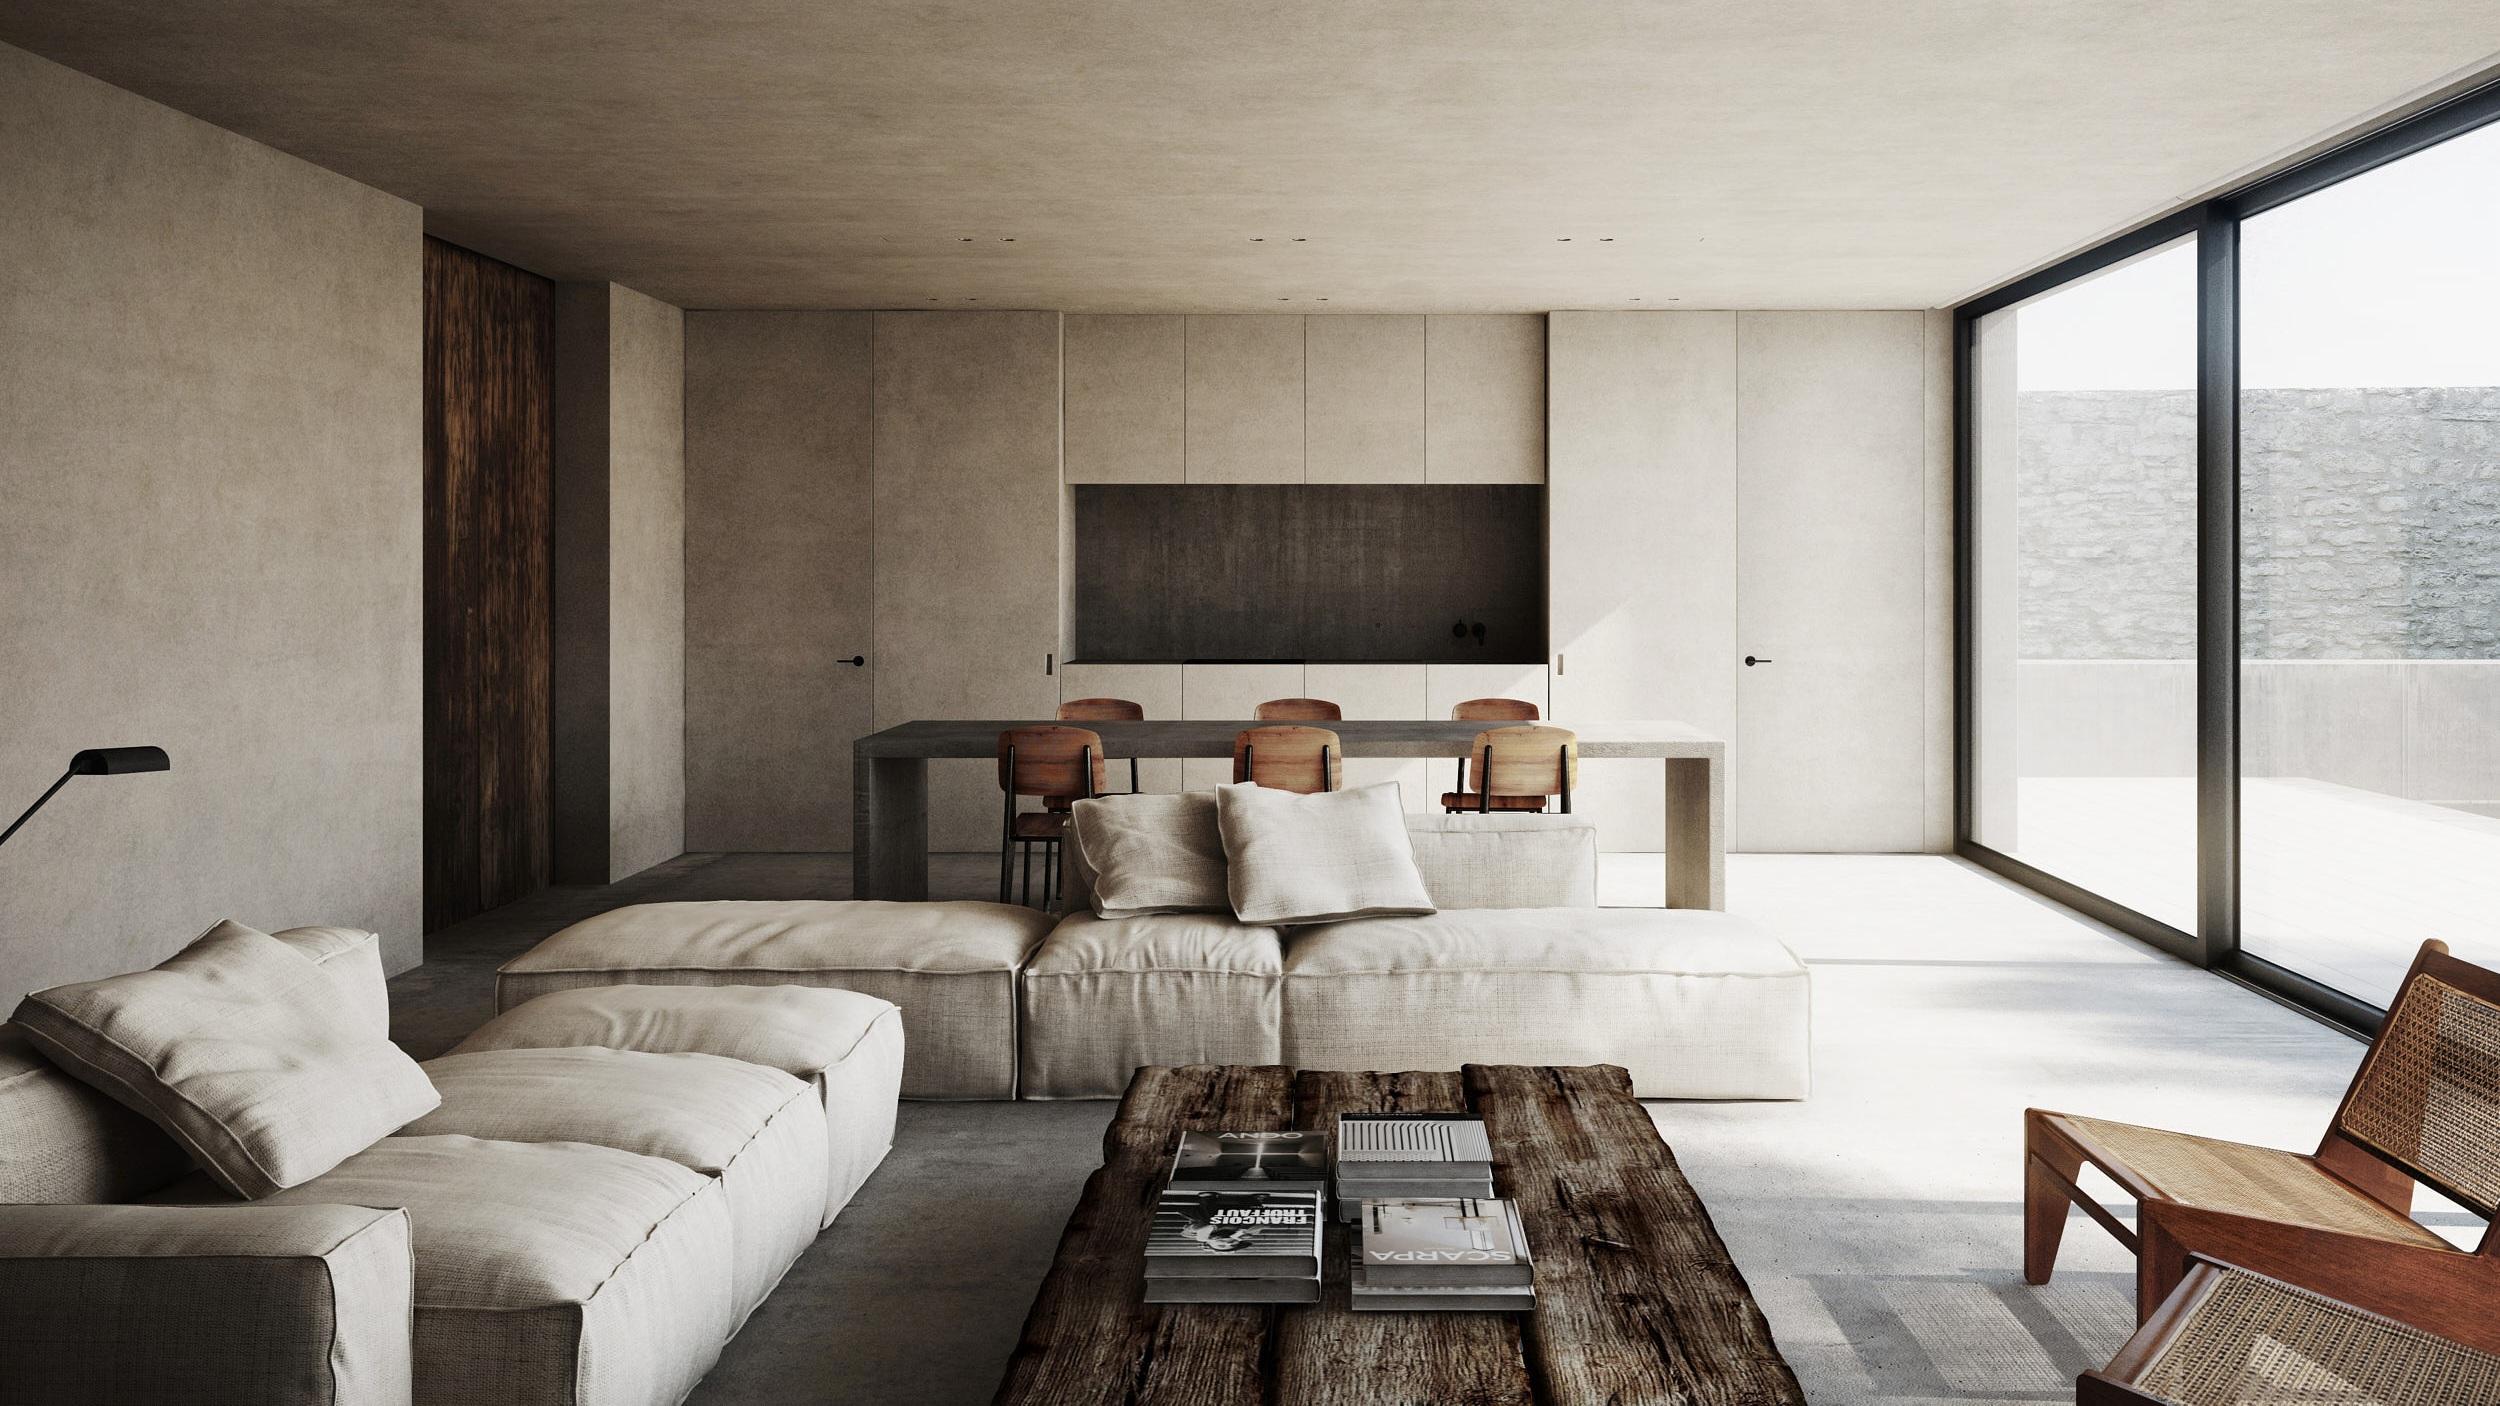 S House by Nicolas Schuybroek — Image by Claessens & Deschamps